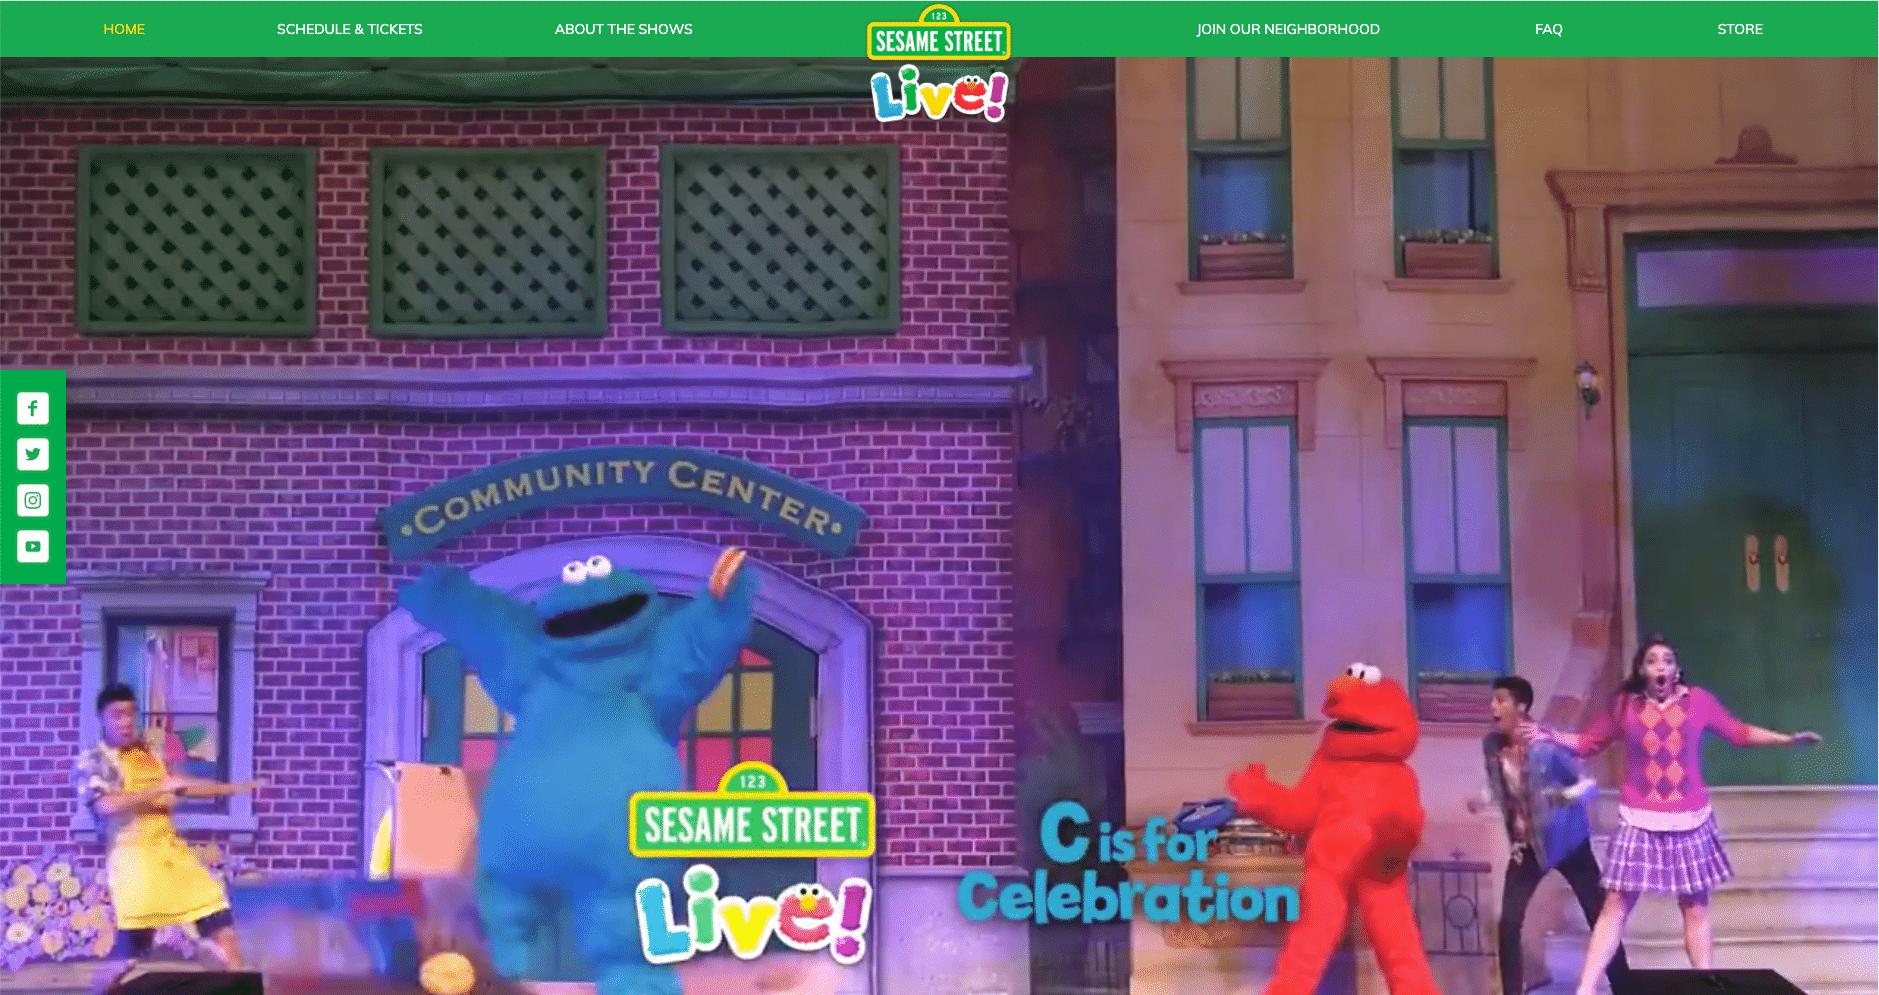 Sesame Street Live, il centro di vendita dei biglietti per gli spettacoli dal vivo